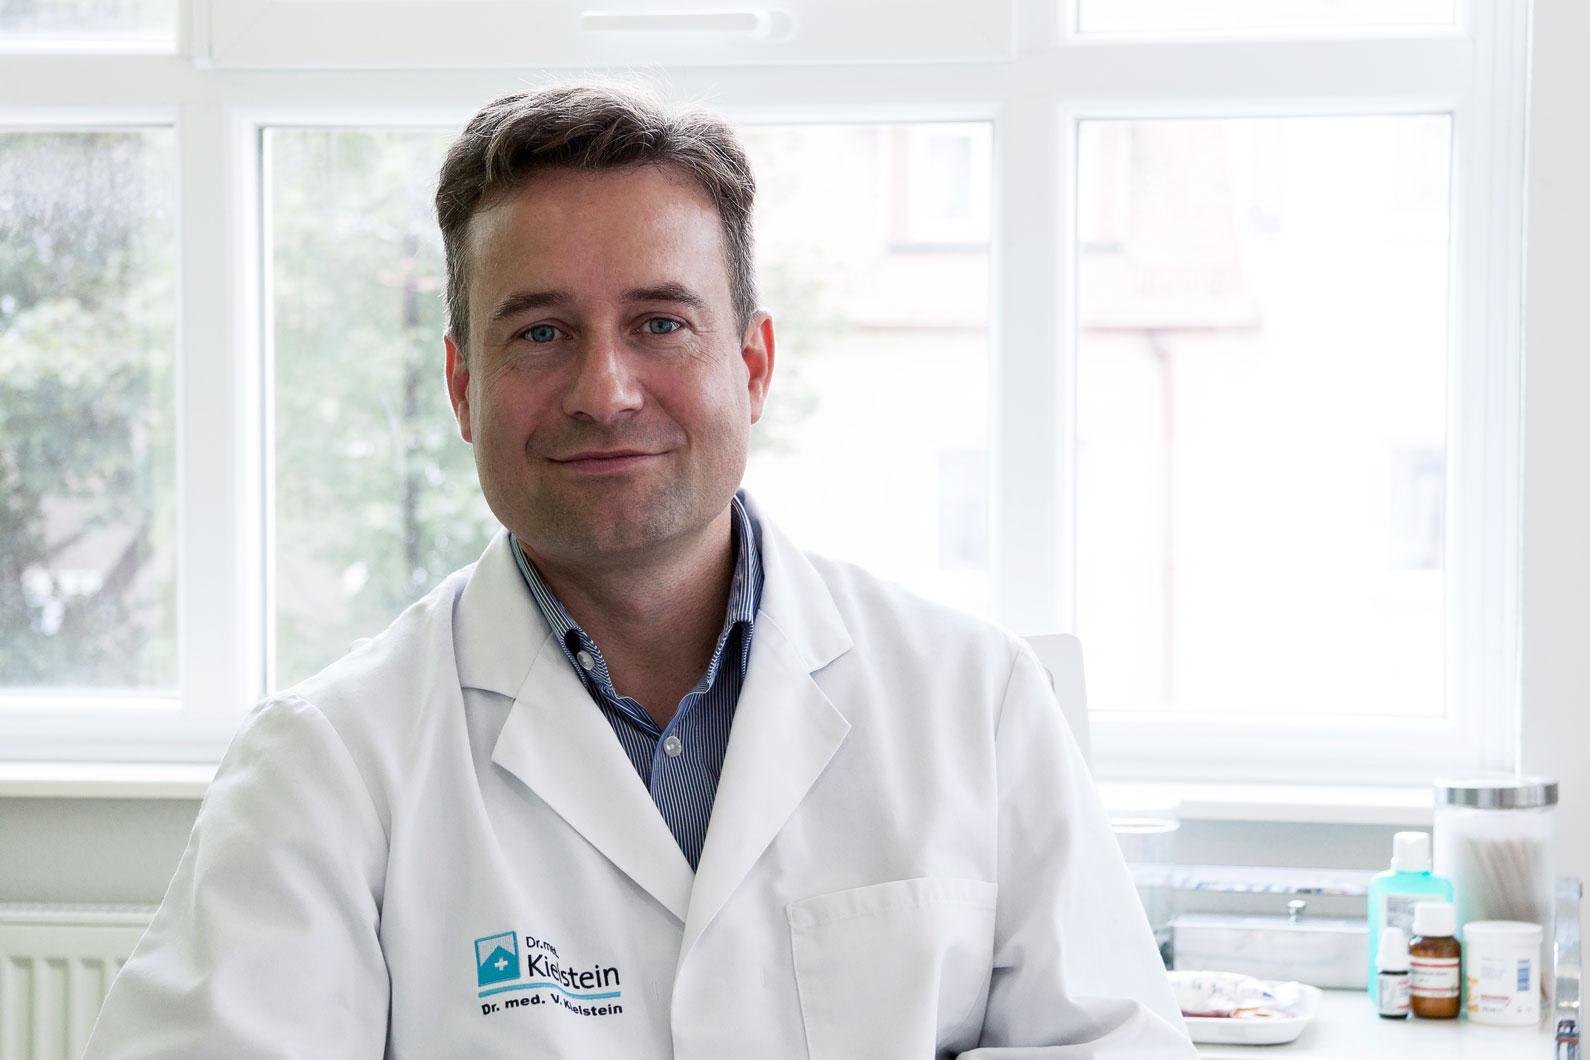 Dr. med. Volker KieIstein